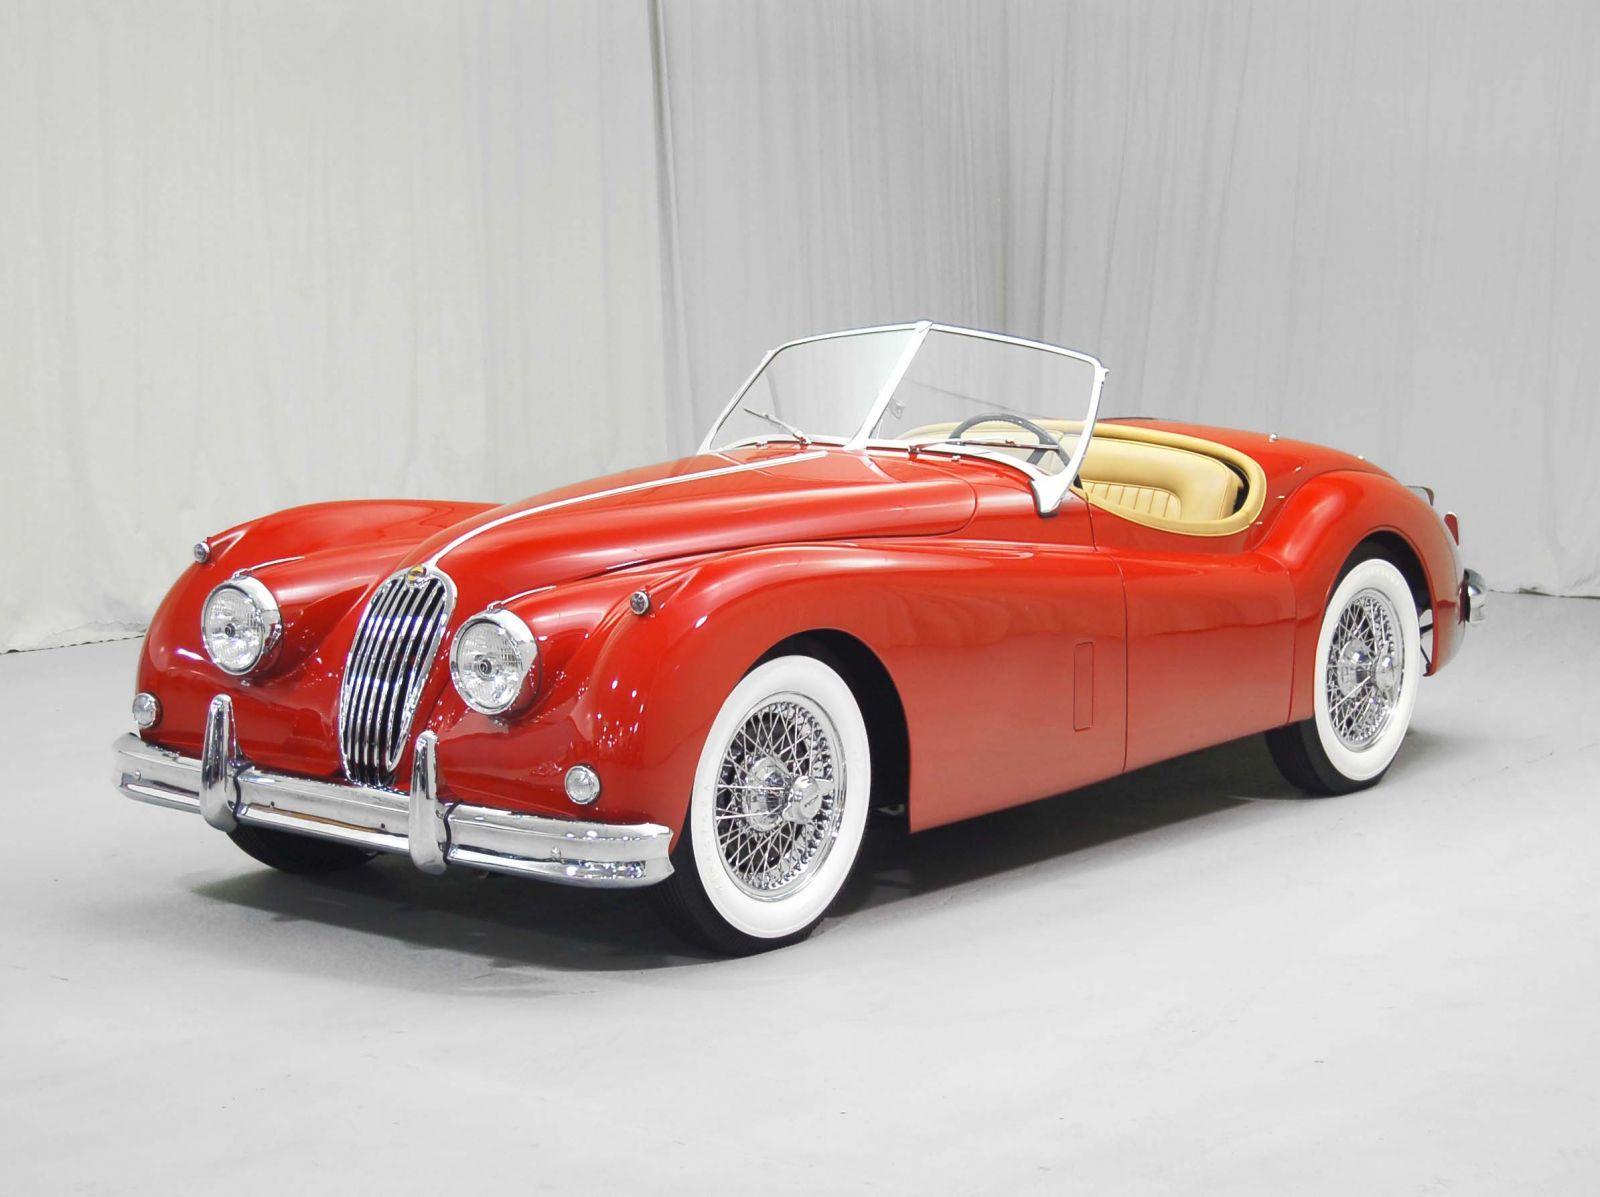 1955 Jaguar XK140 Hyman Ltd. Classic Cars 자동차